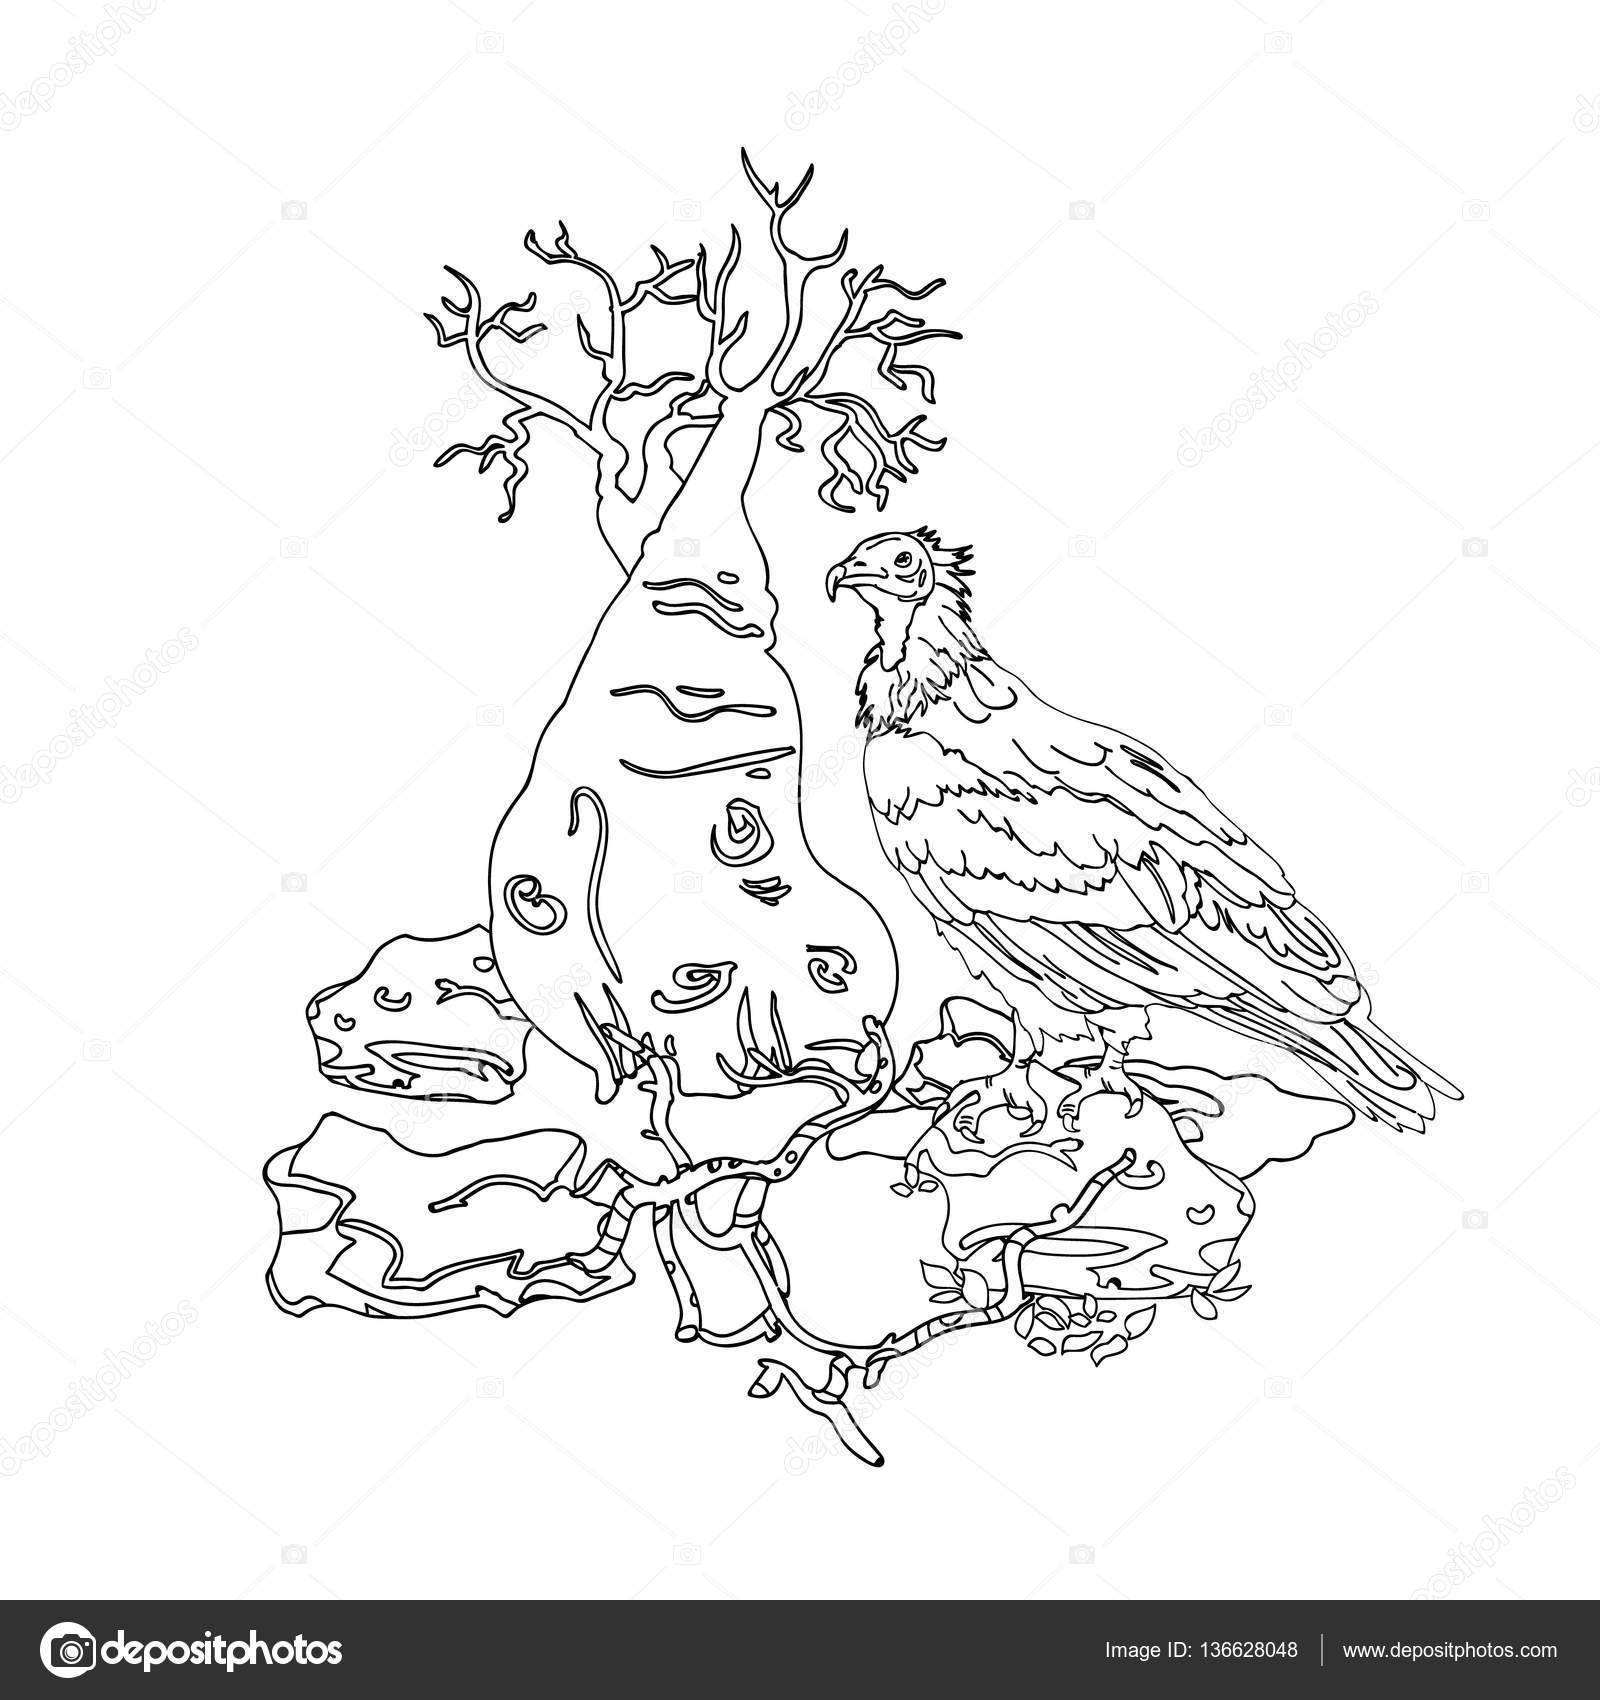 картинка раскраска дерево остров сокотра грифа на камне